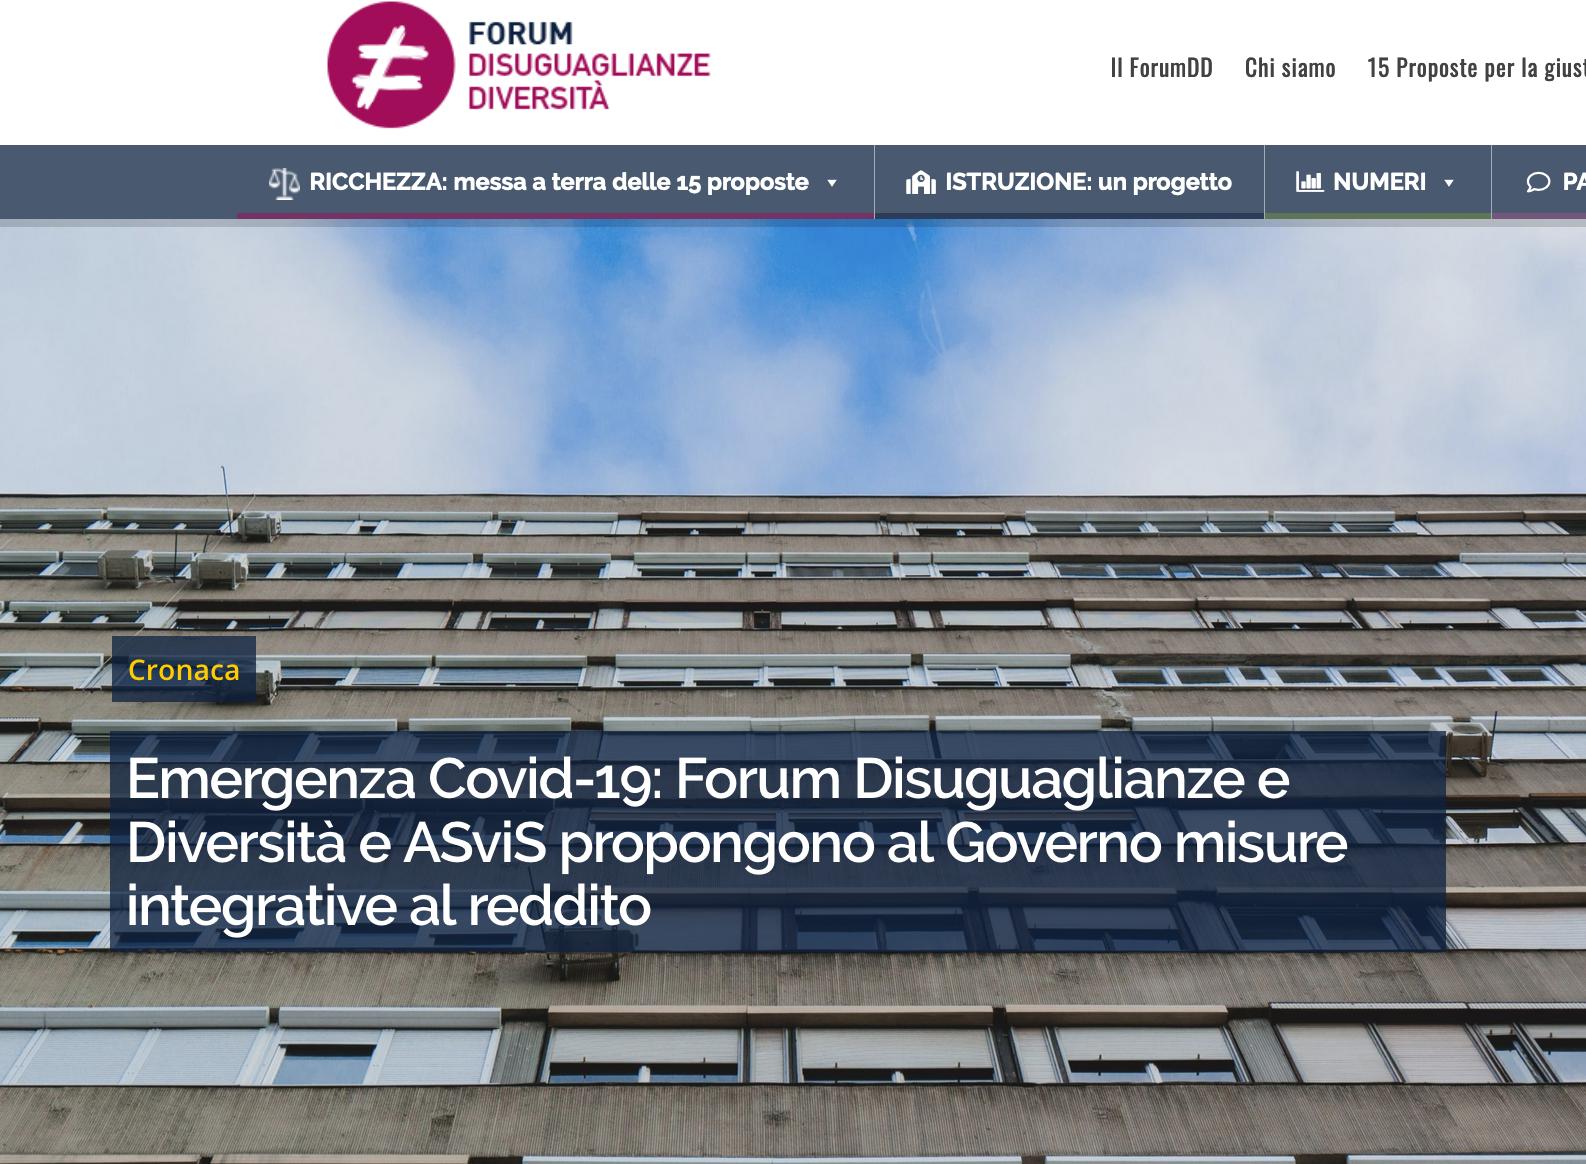 sito Forum disuguaglianze coronavirus